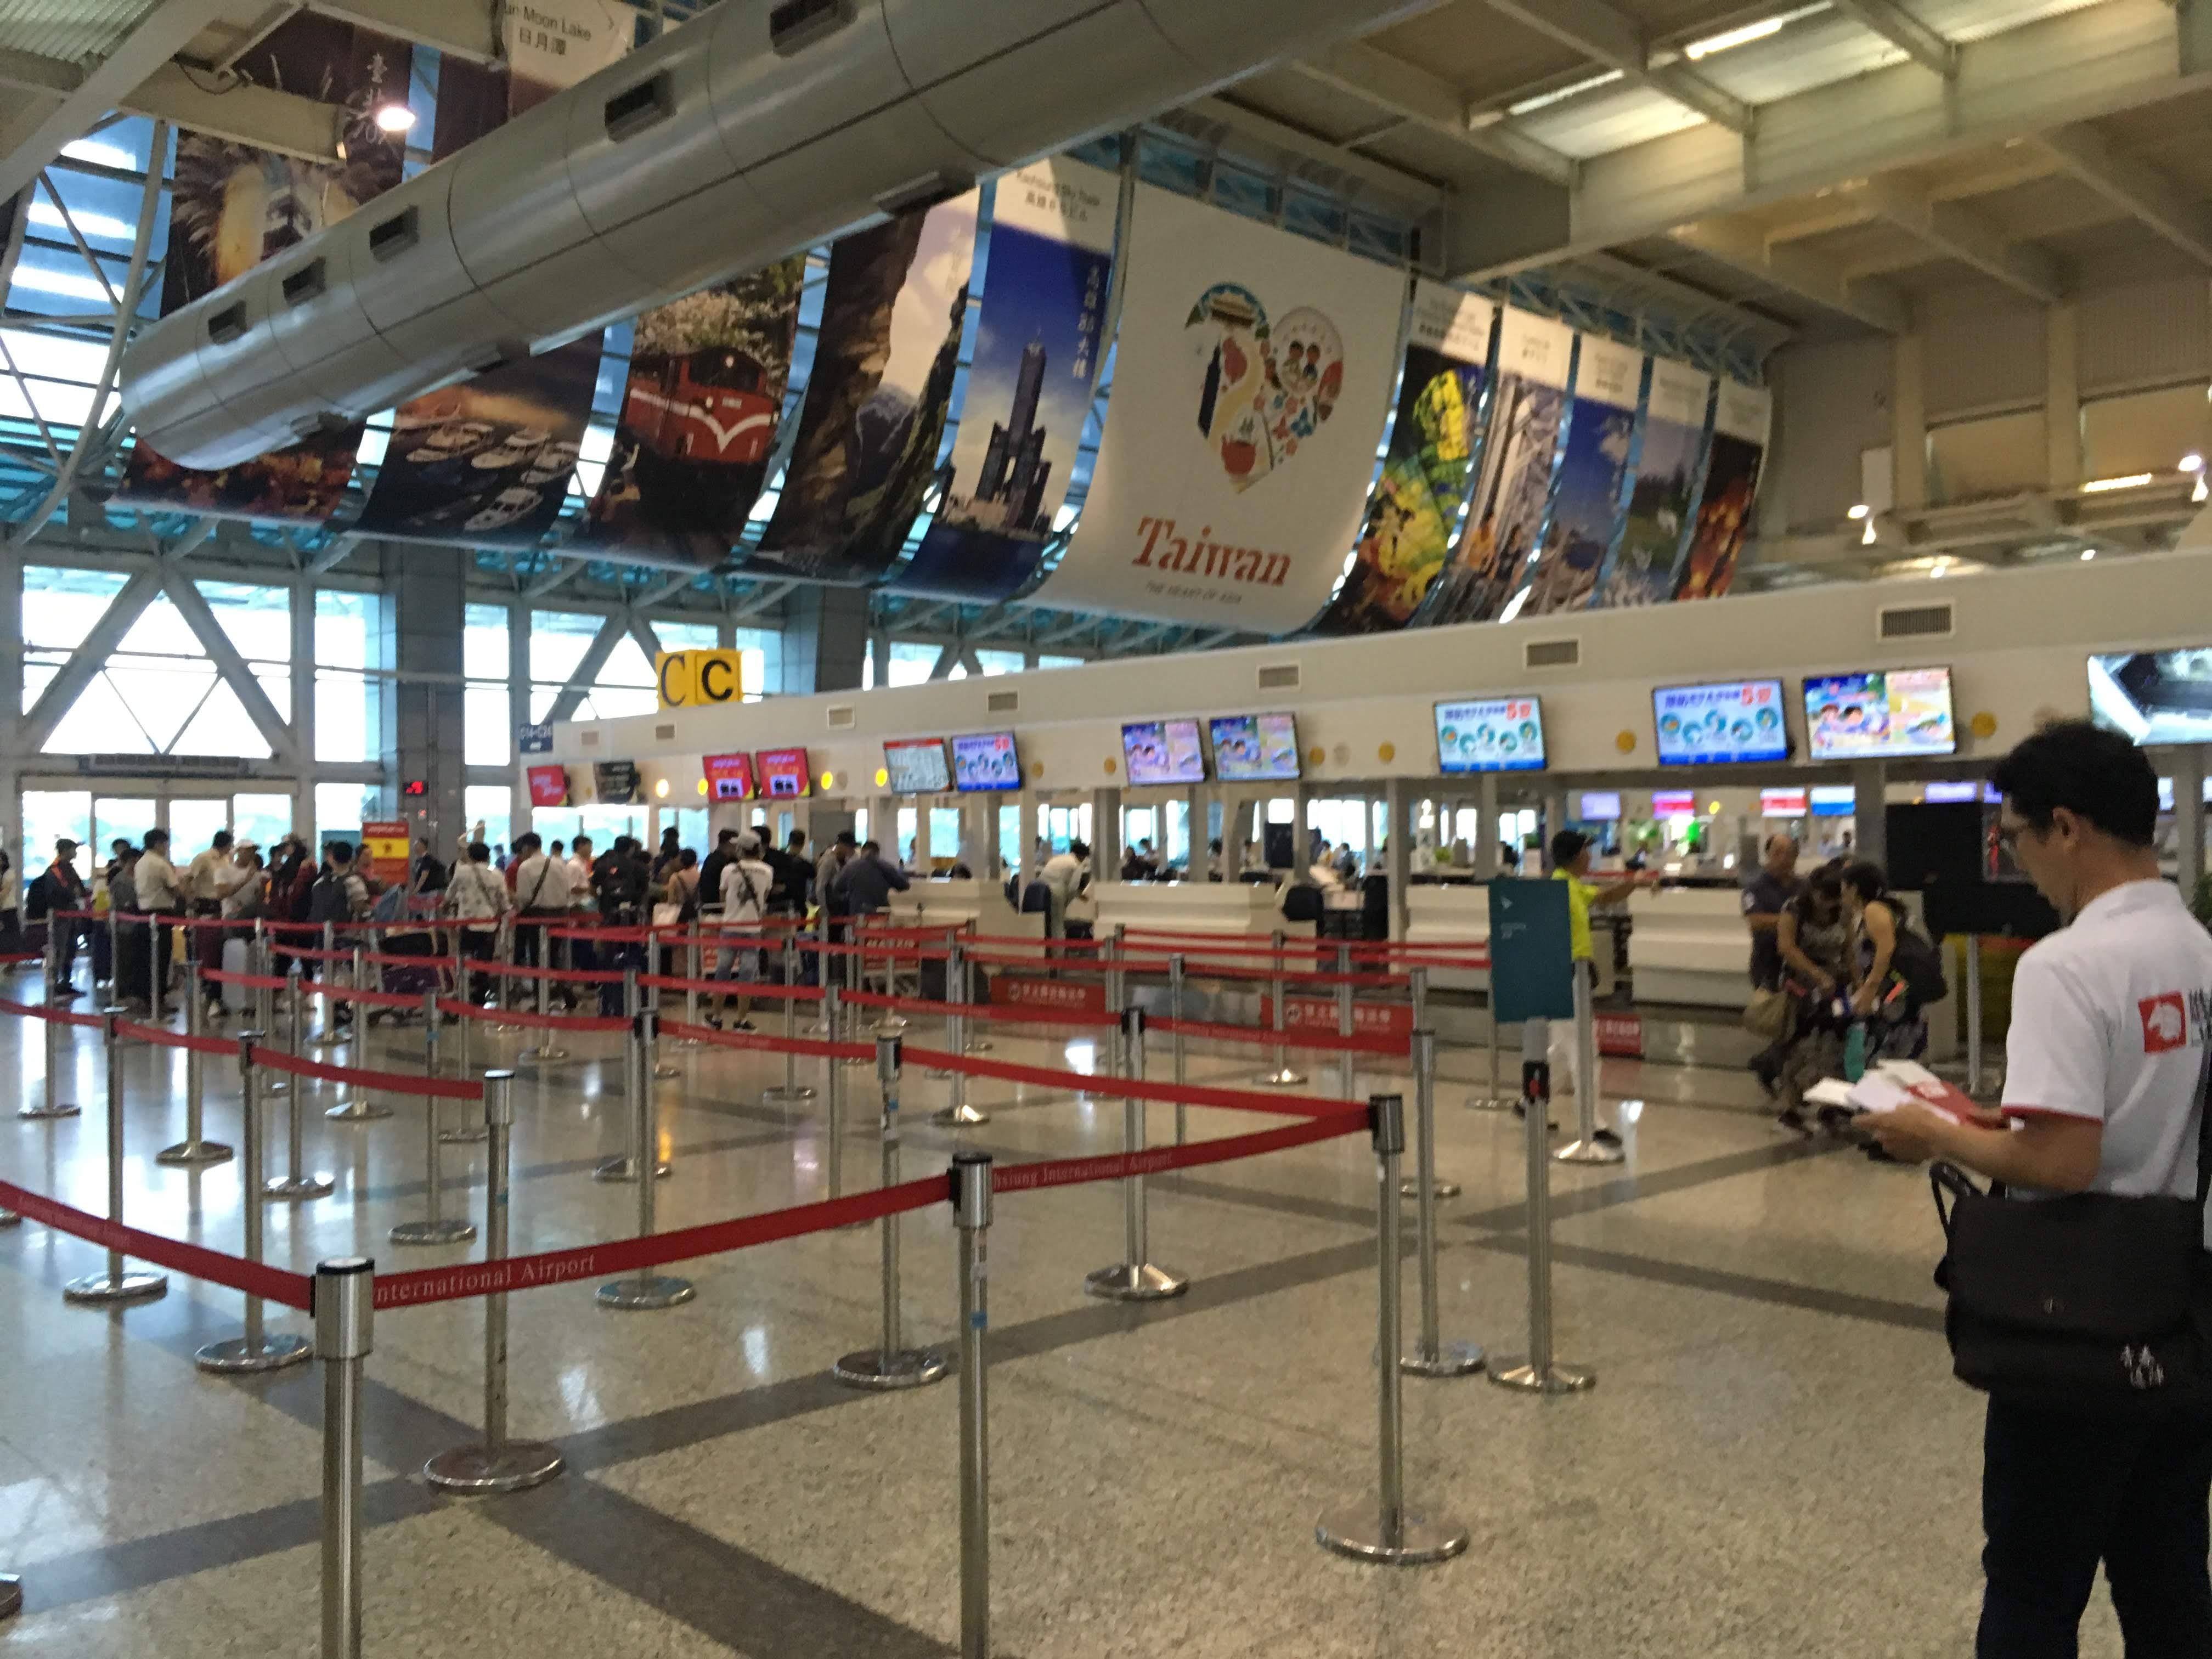 高雄空港・国際線ターミナル3階(出国階)